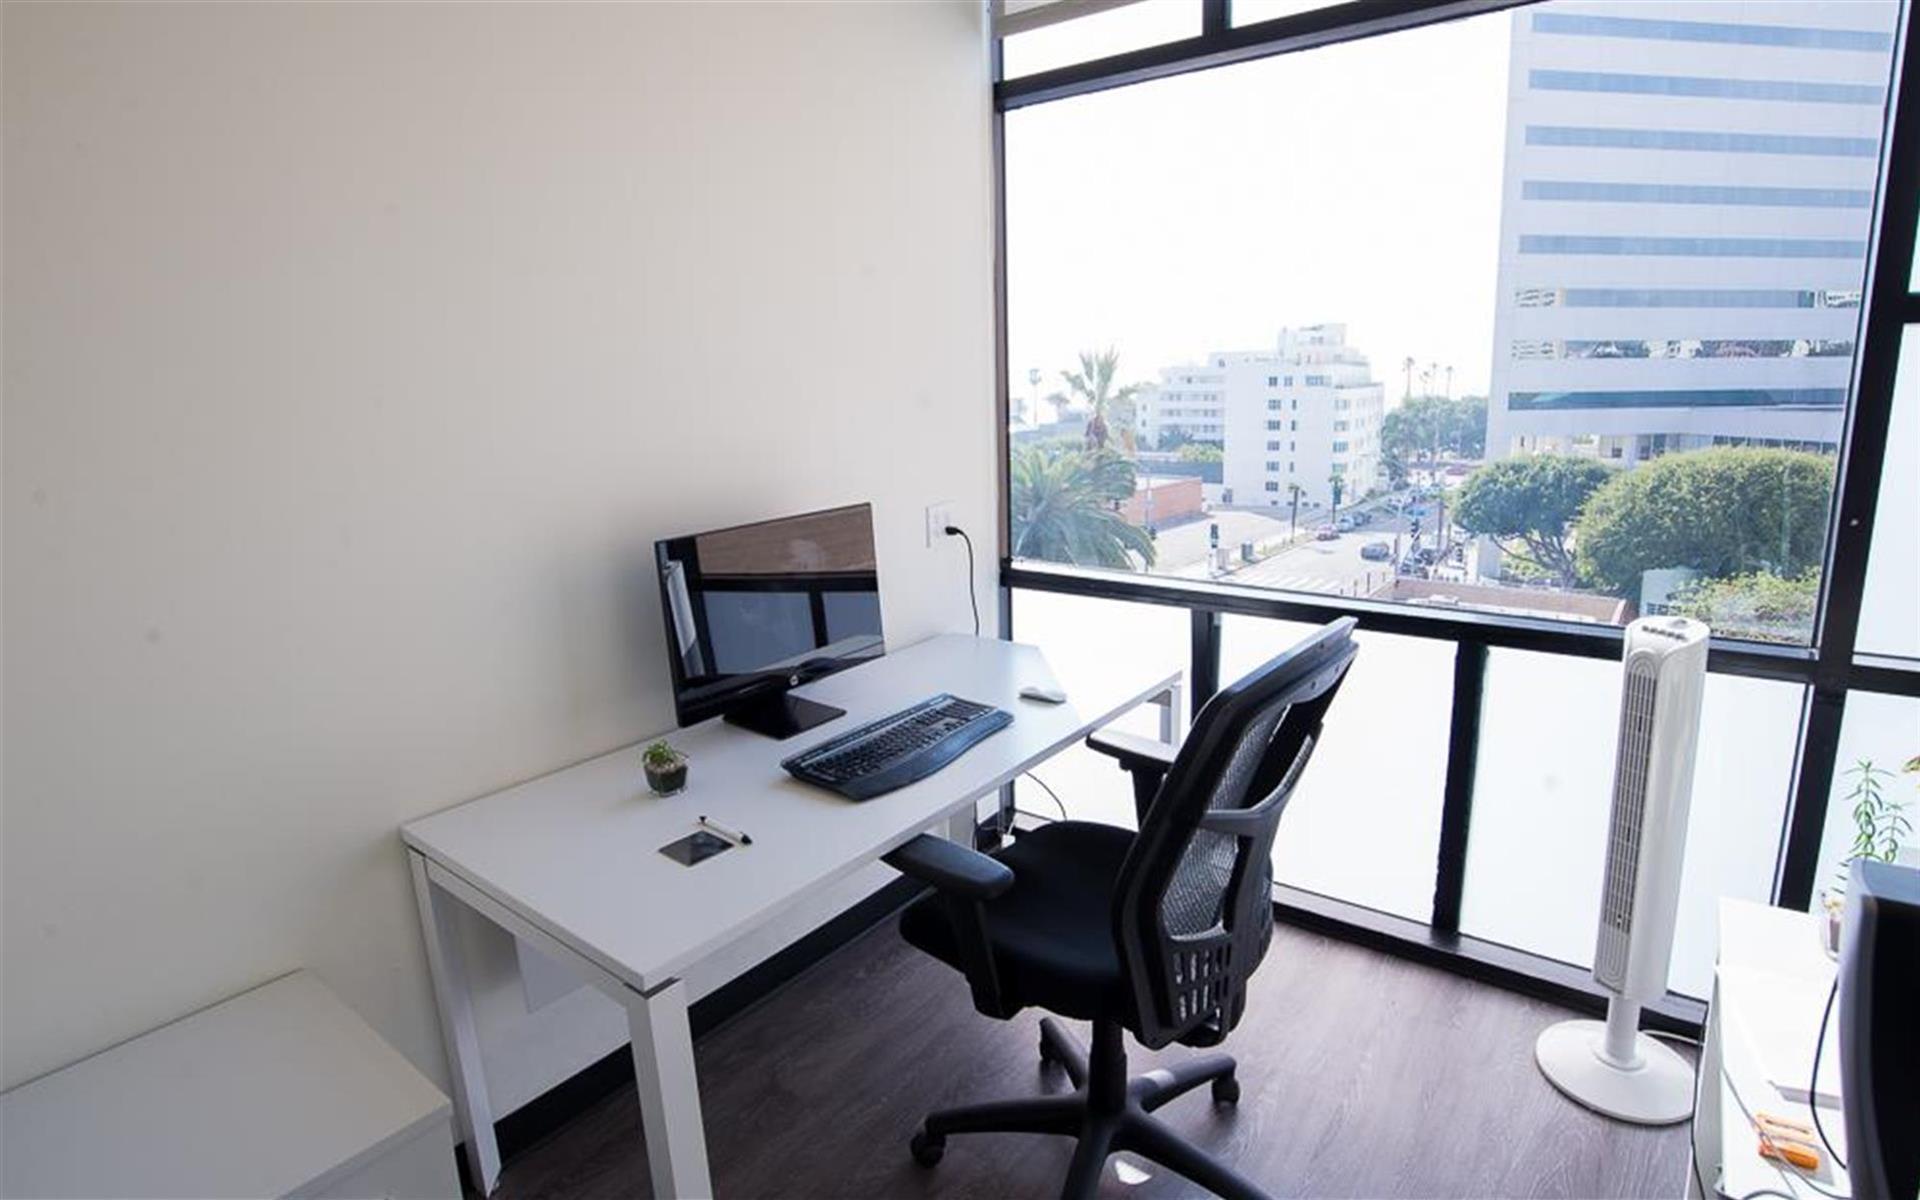 Brainium Studios LLC - Team office for 2